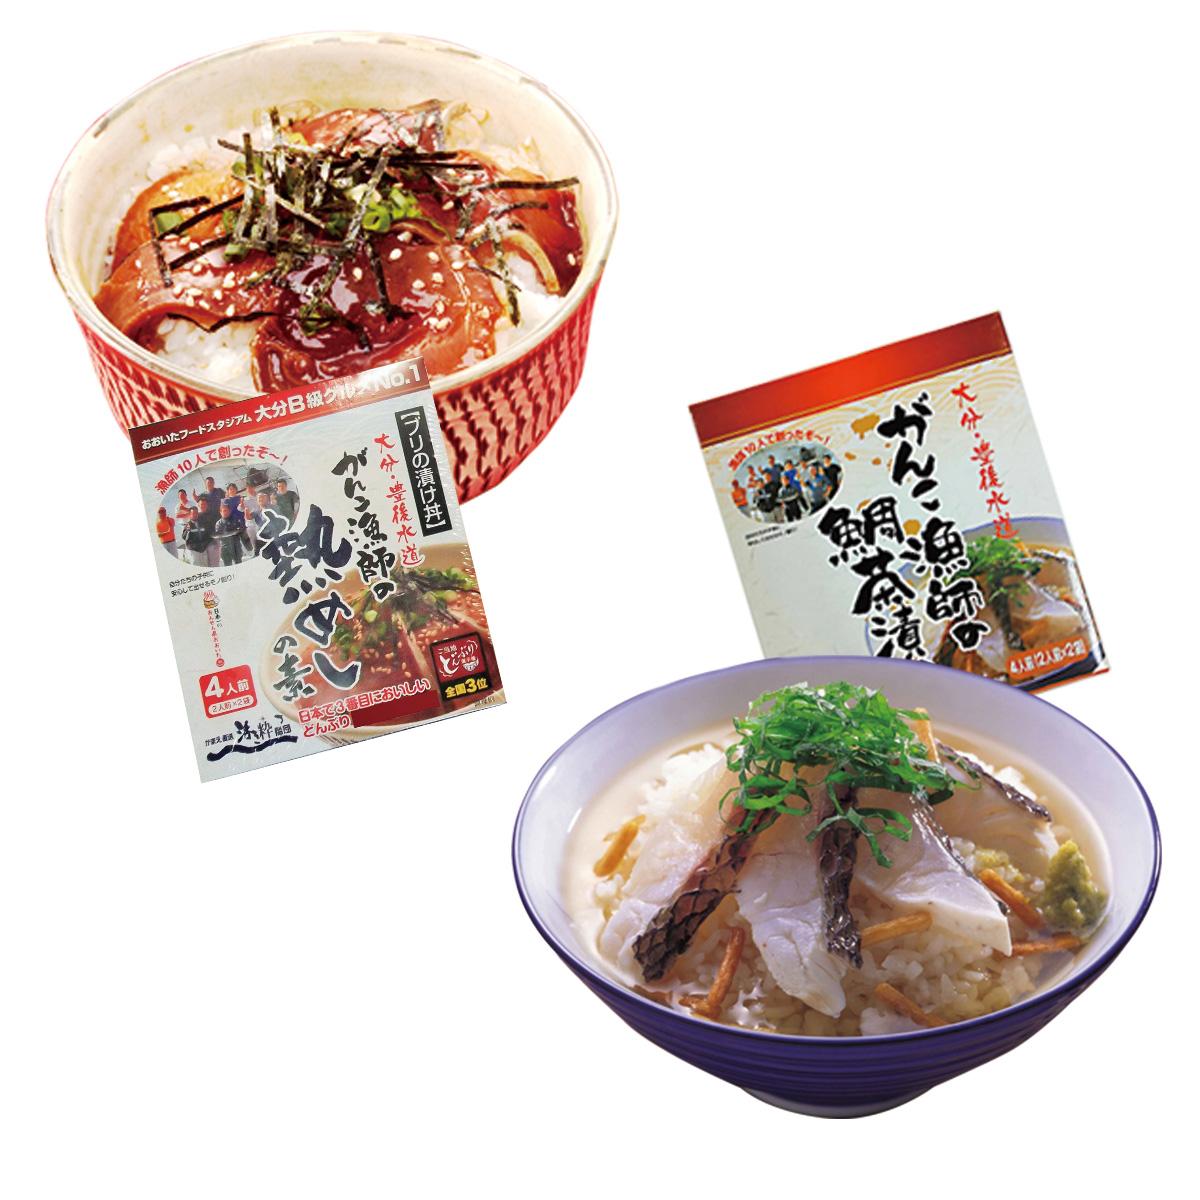 産地直送 熱めし 鯛茶漬けの素 選べる9個分まとめ買いセット(4人分)(2袋)×9(36人分)